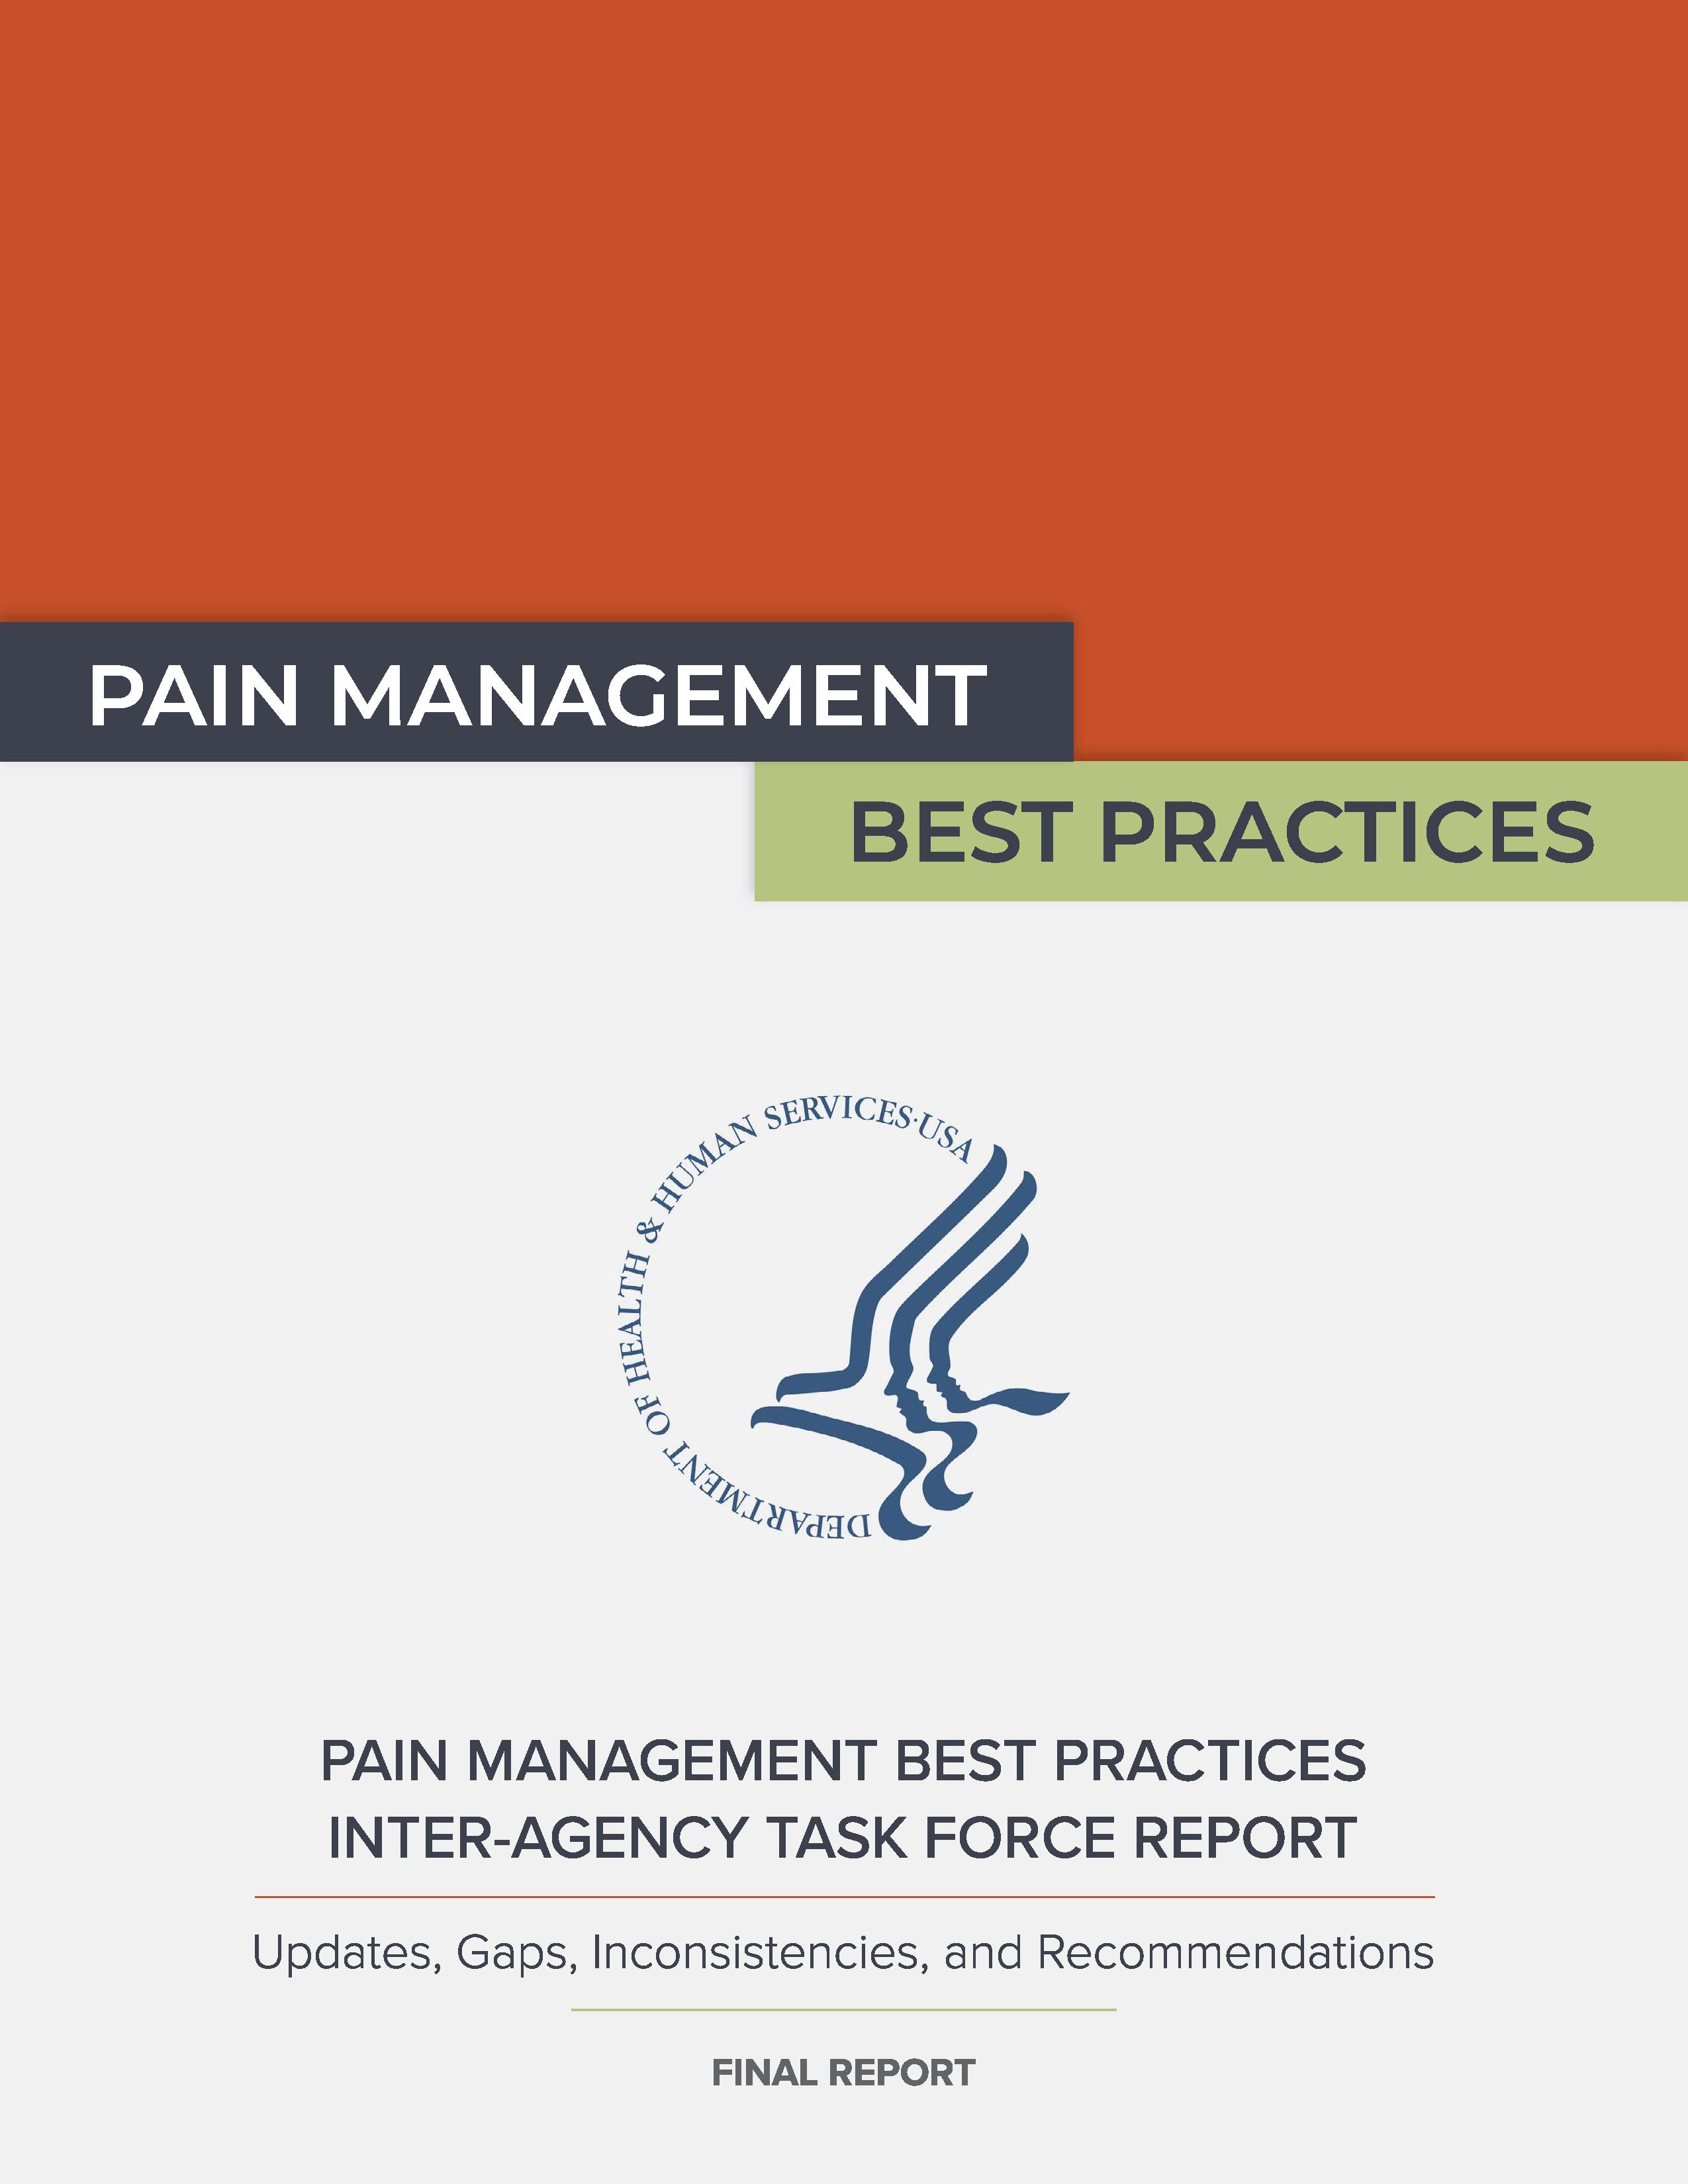 HHS 2019 Pain Management Best Practices